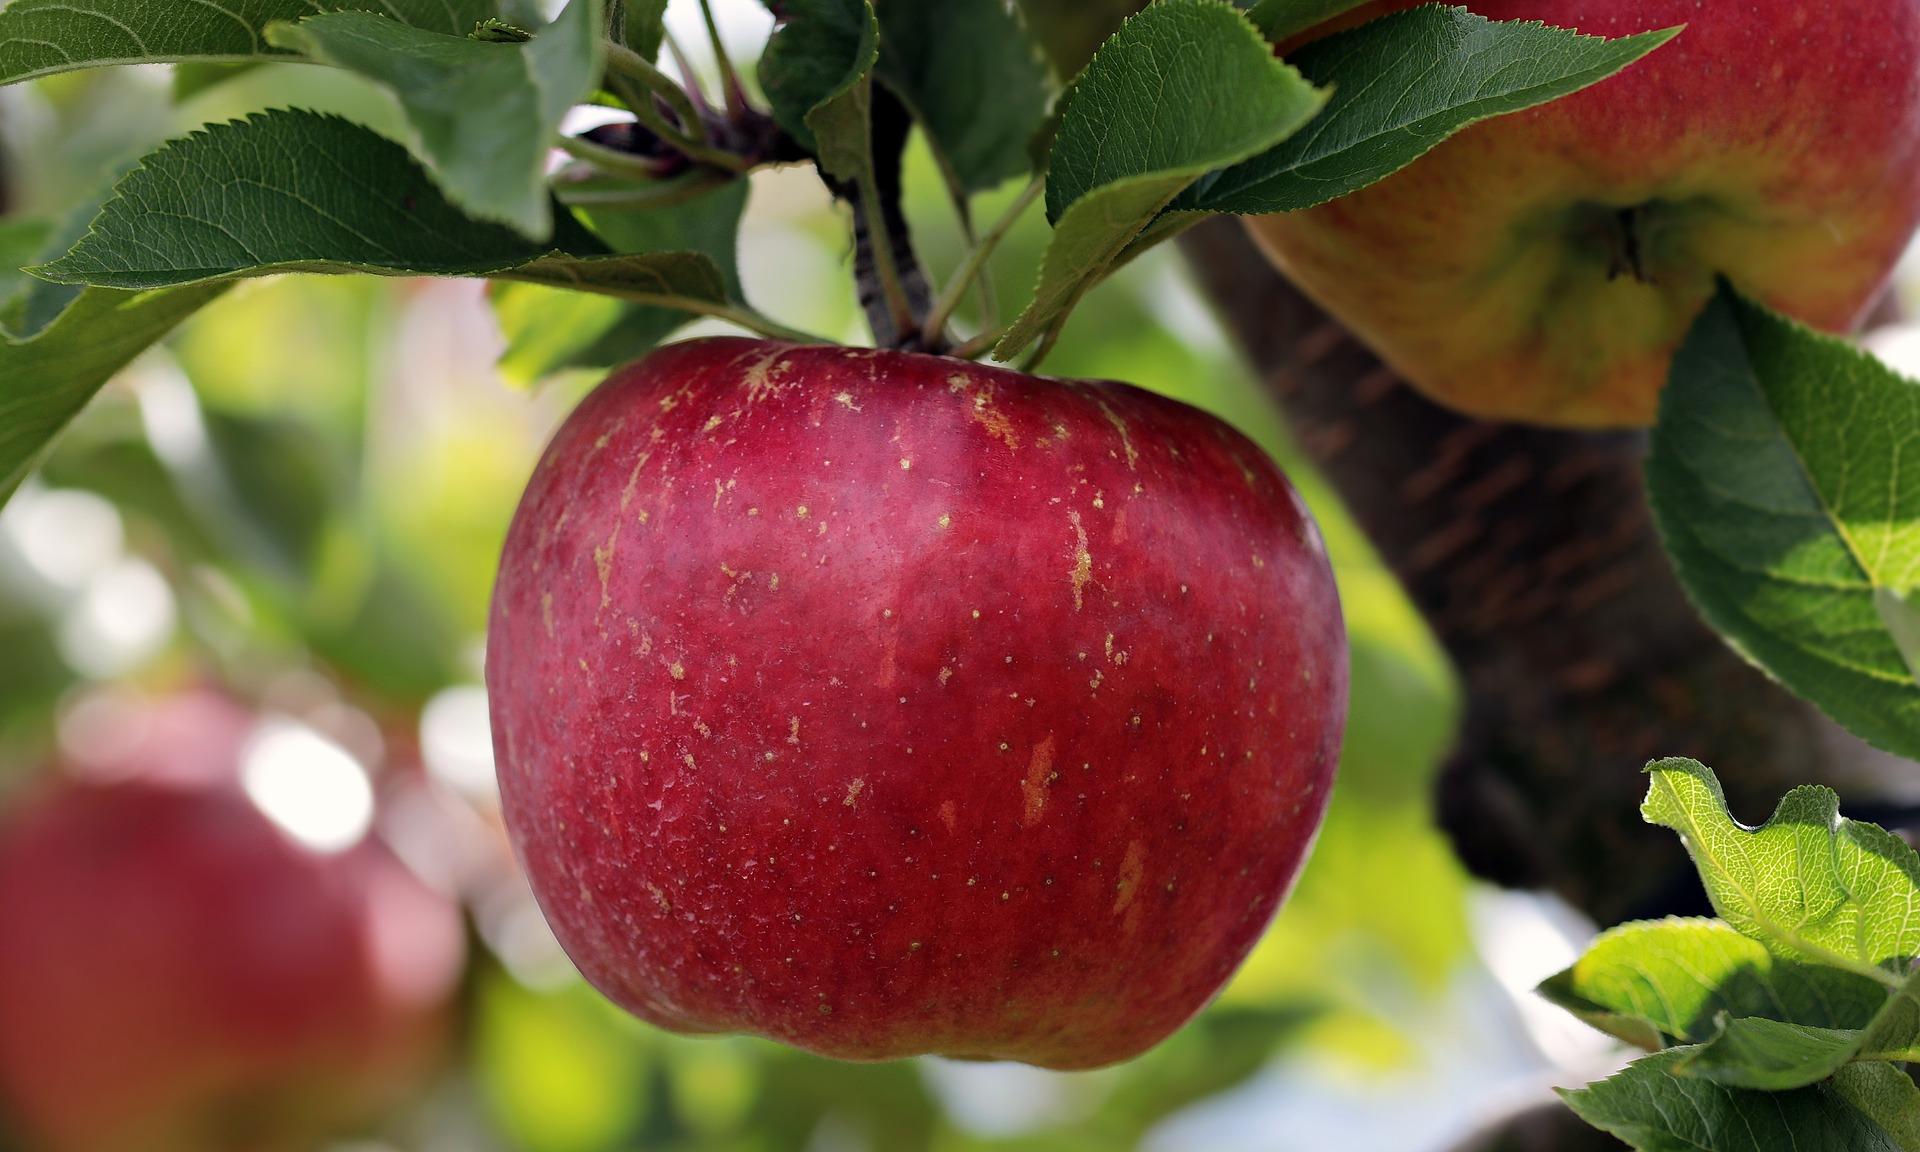 importateur-en-france-de-pommes-de-contre-saison-5